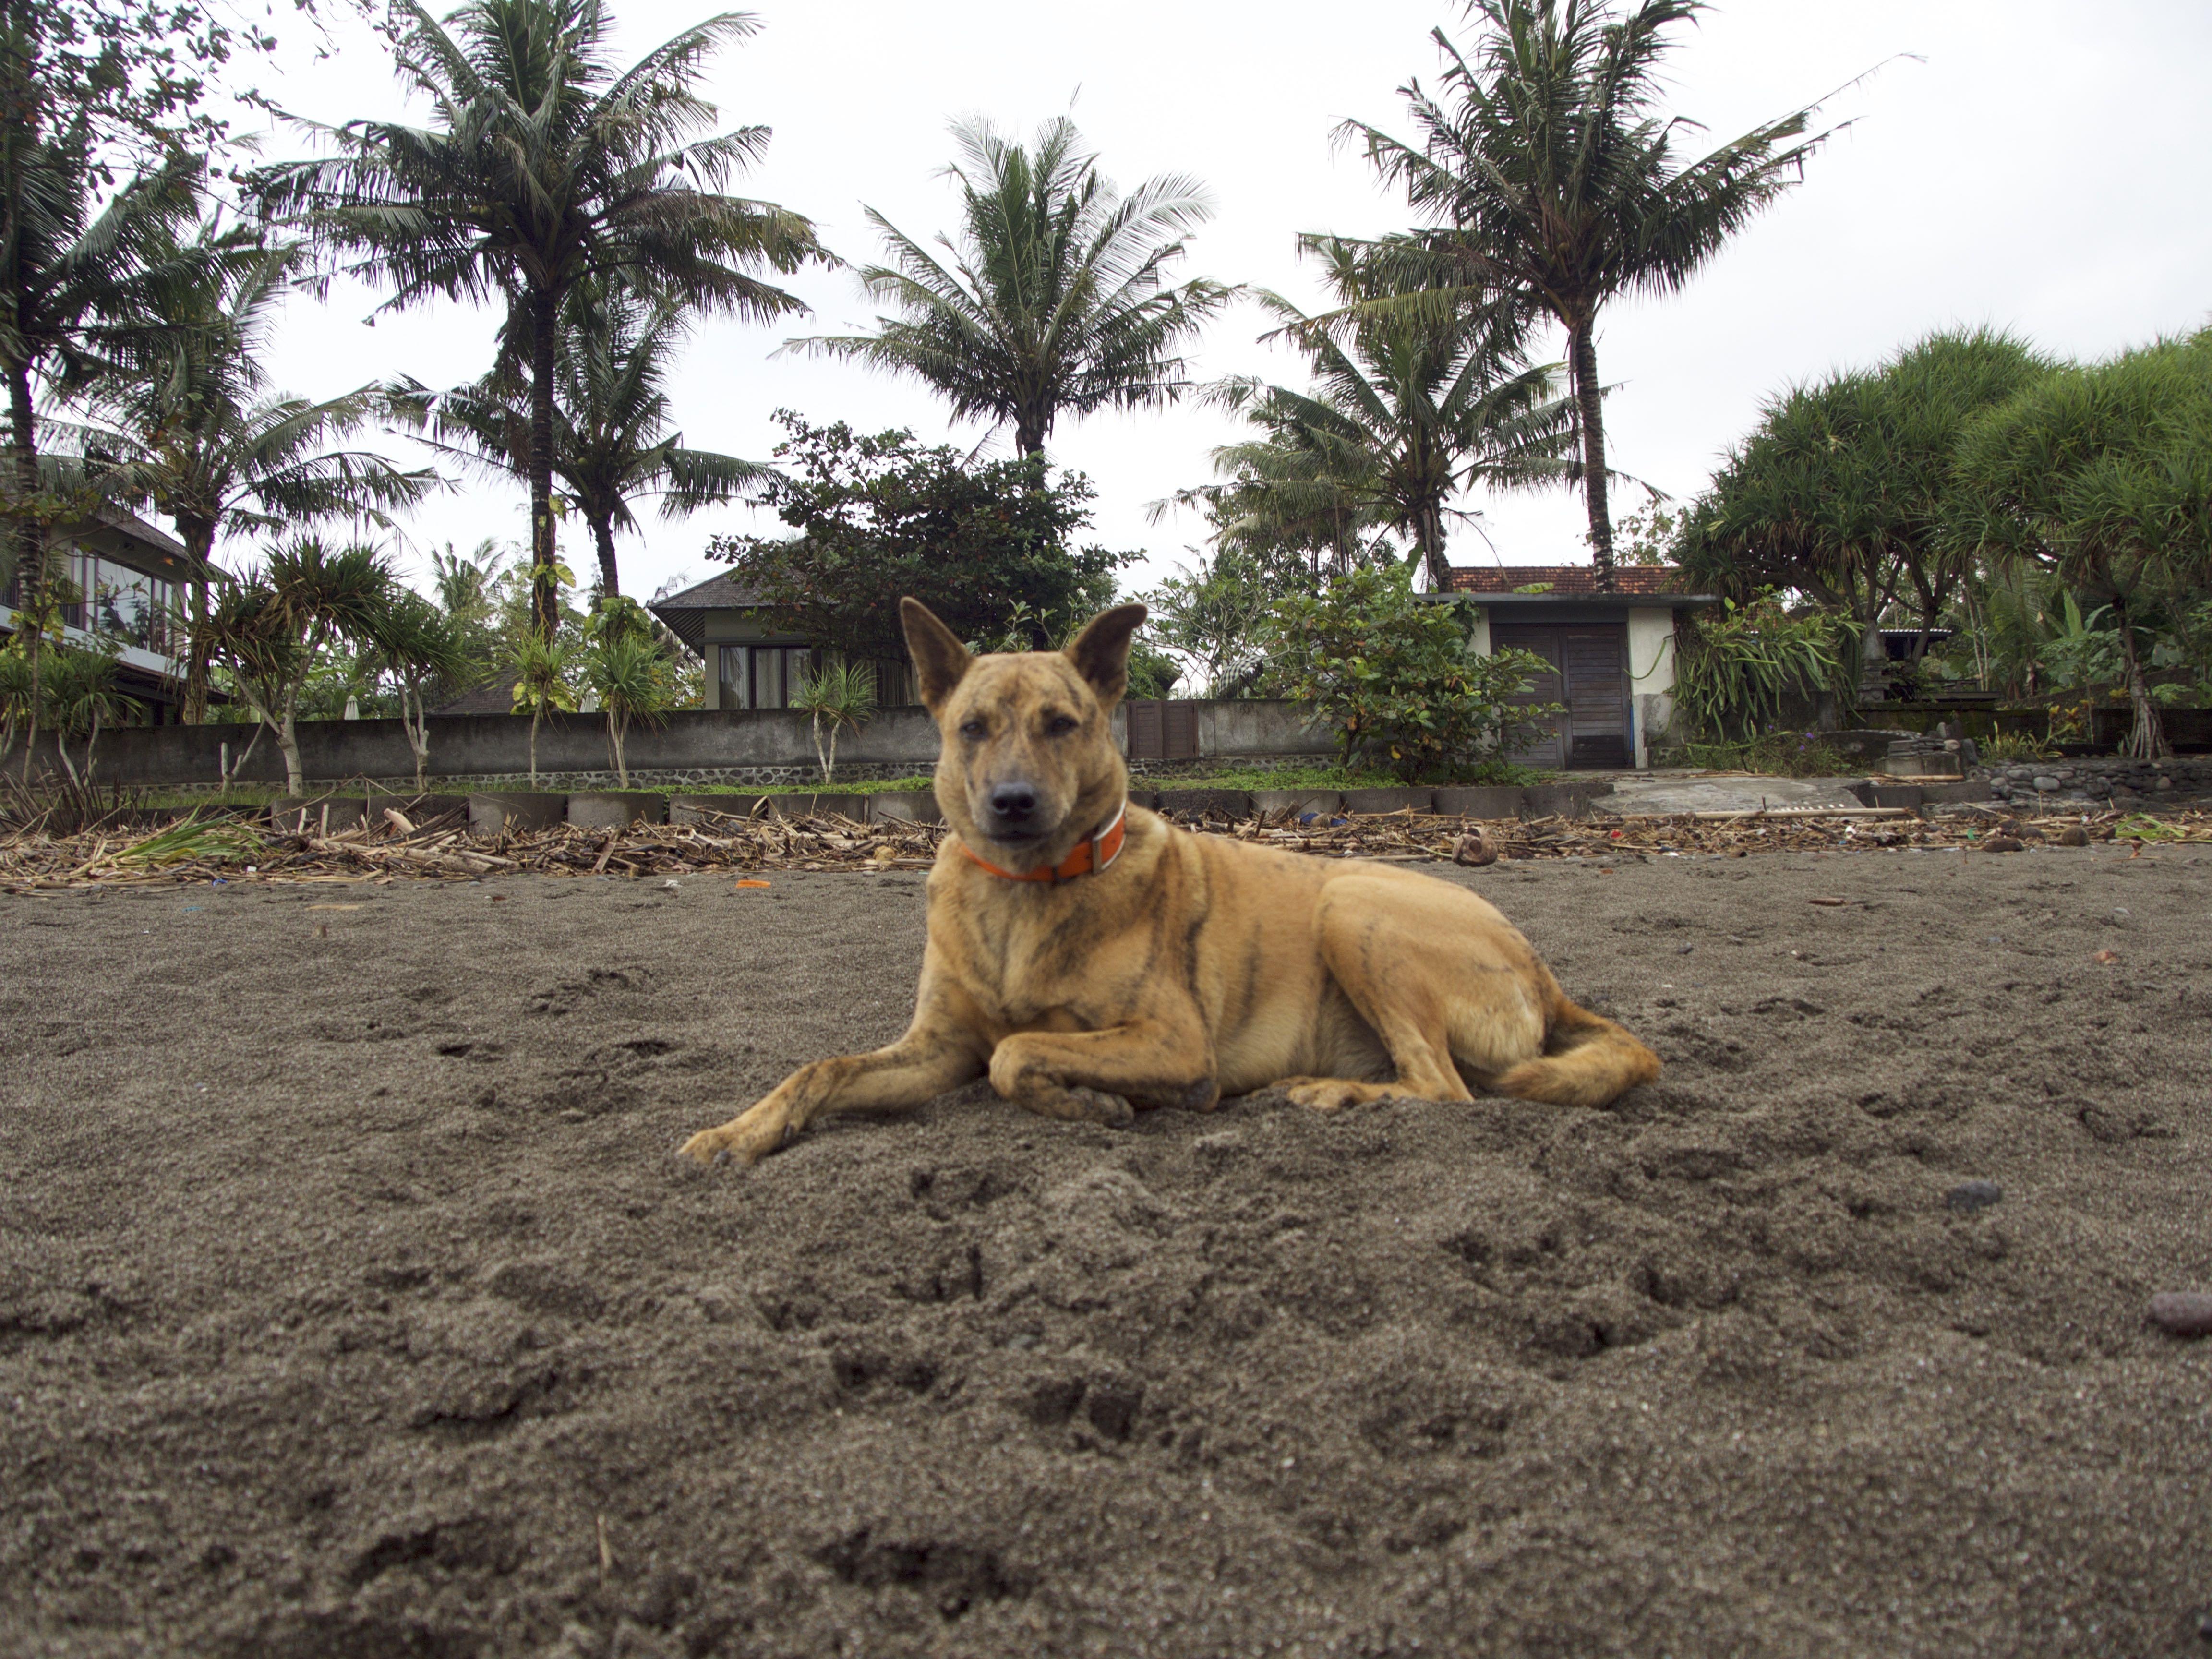 P5240017 - Good bye Bali